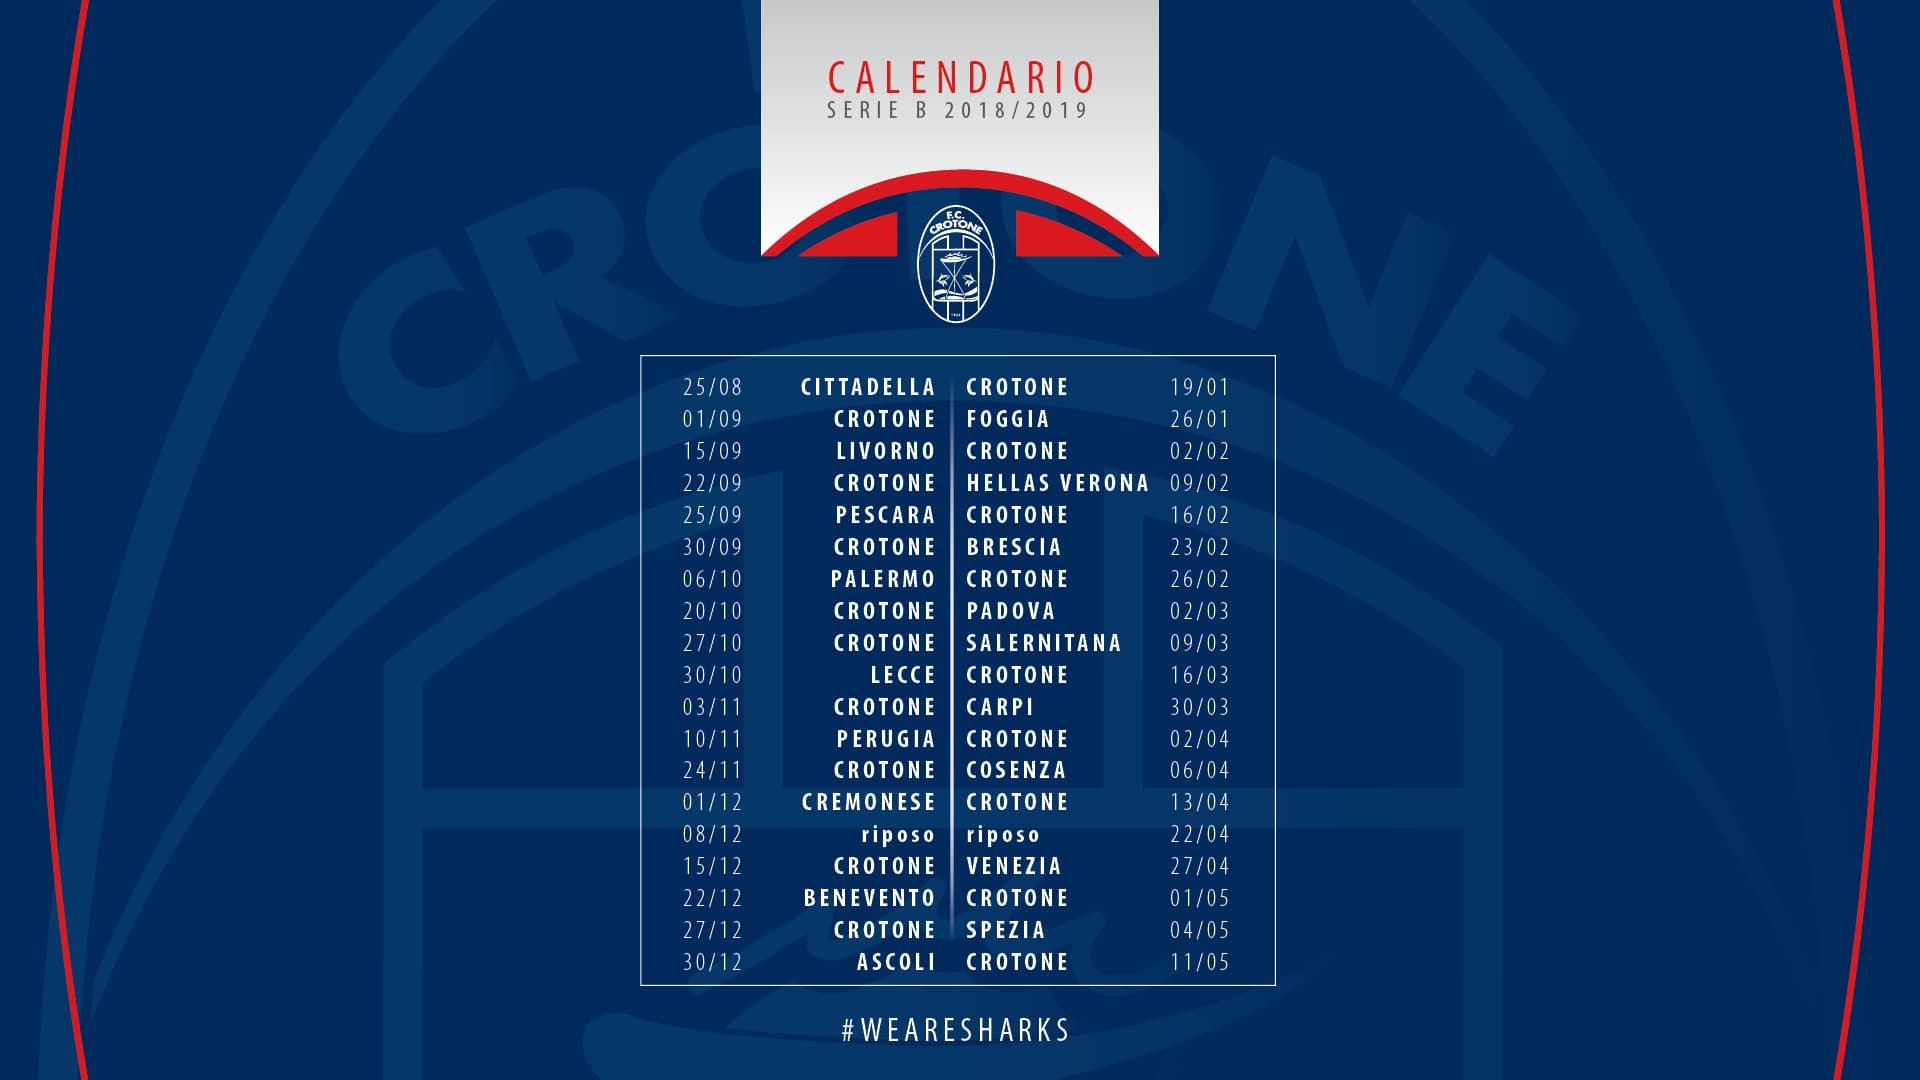 Calendario Di Serie B.Sorteggio Calendario Serie B Il Commento Di Mister Stroppa